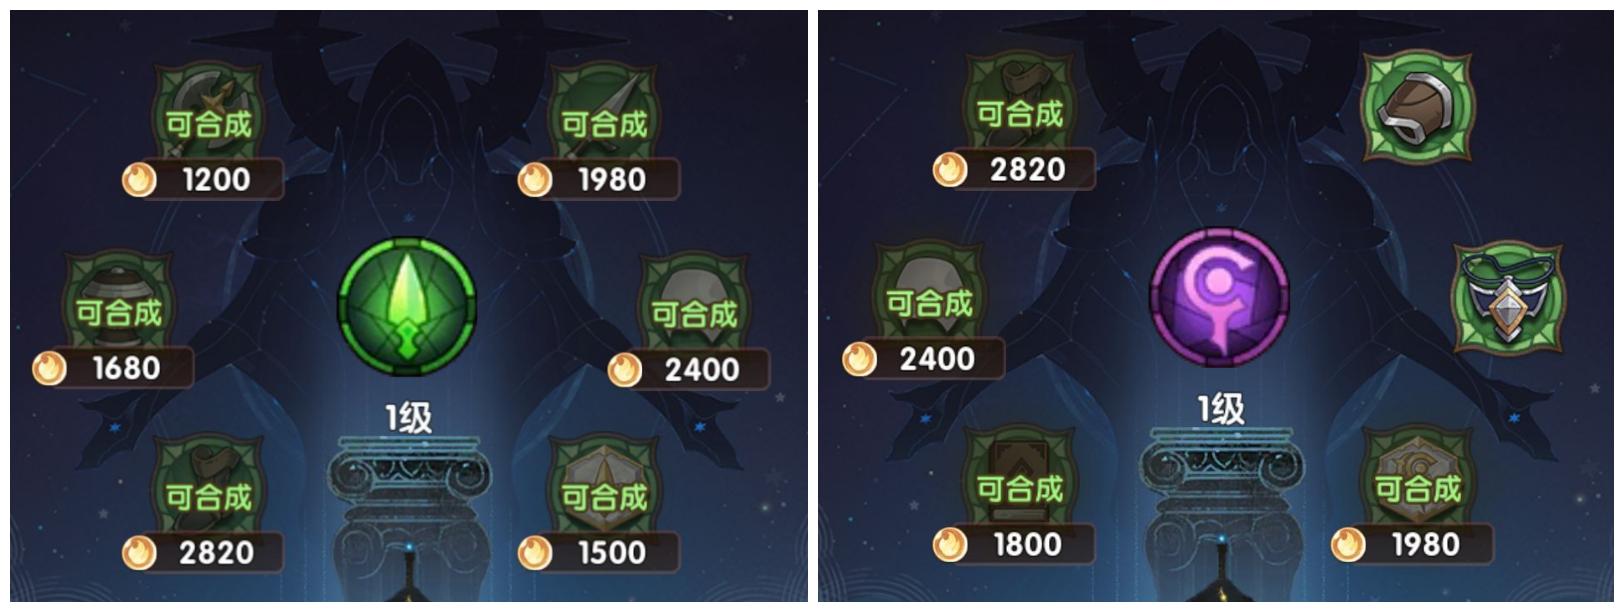 囚时之界圣物升级指南  游侠圣物受玩家追捧